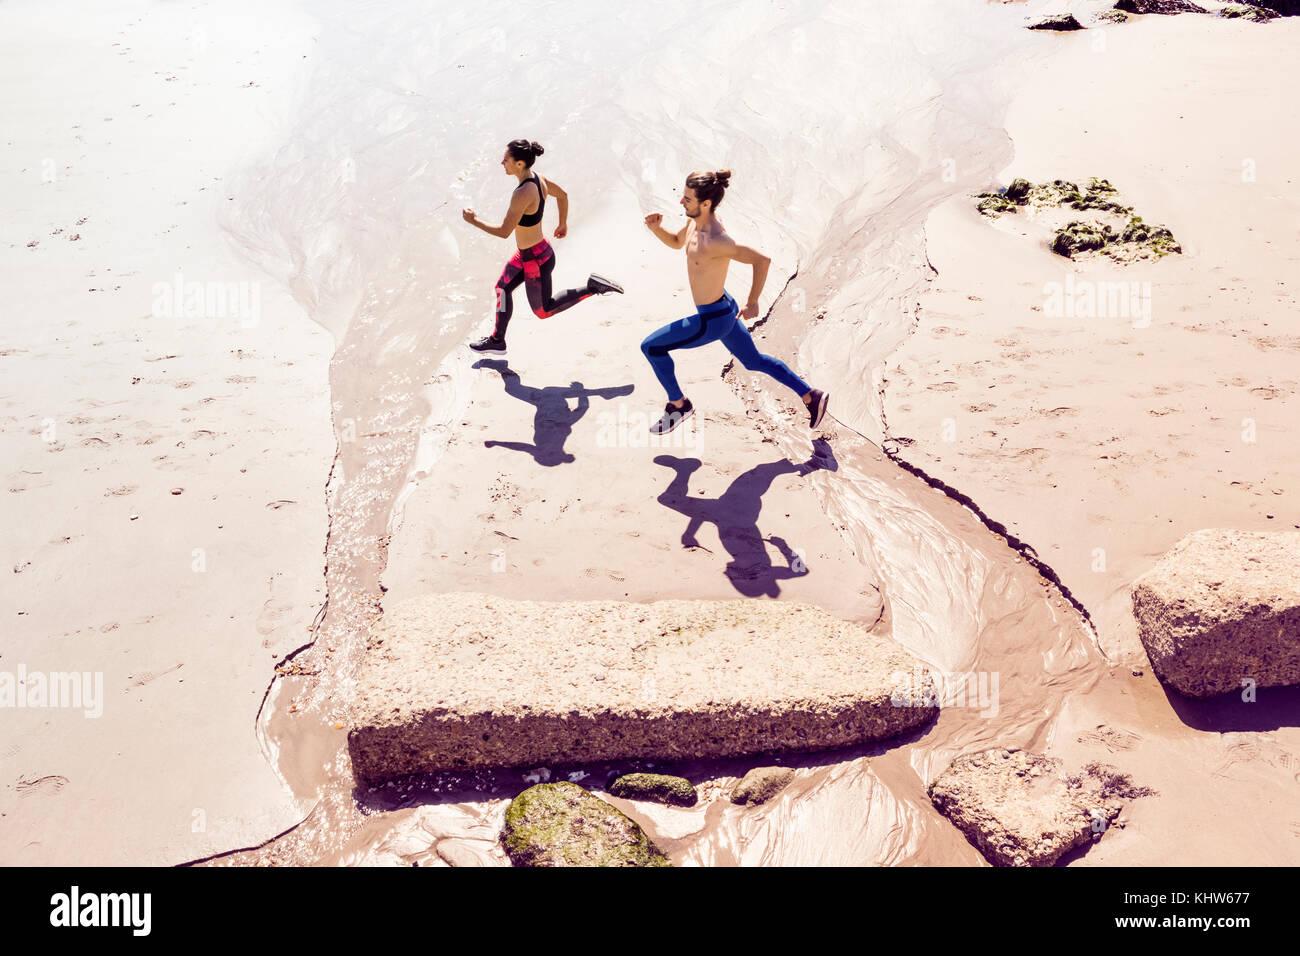 Junger Mann und Frau Strand entlang läuft, Erhöhte Ansicht Stockfoto